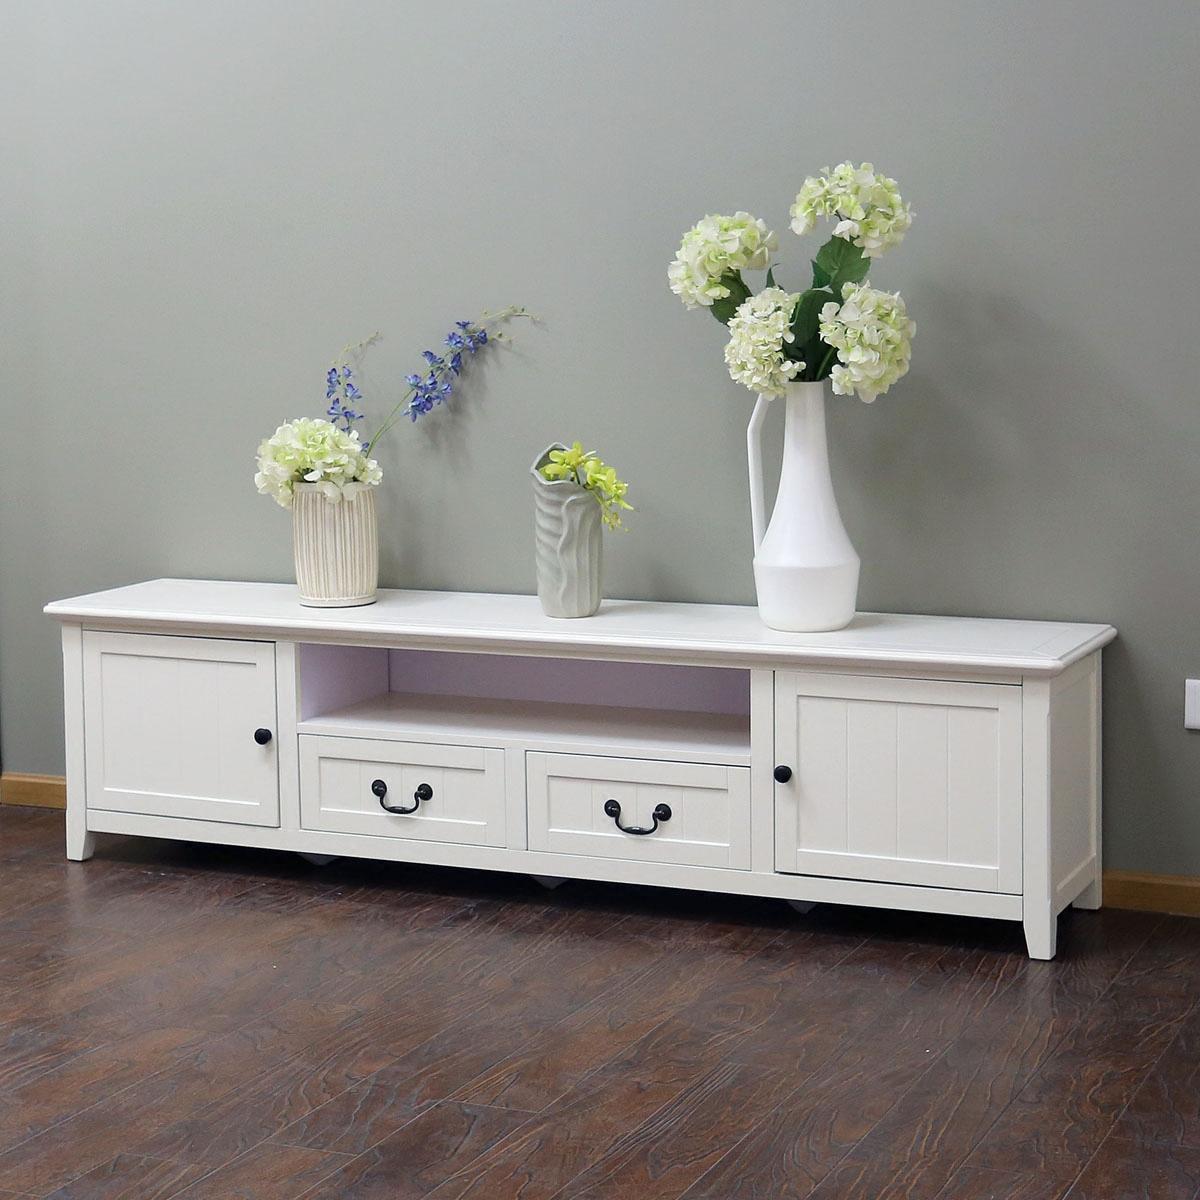 极简风格家具